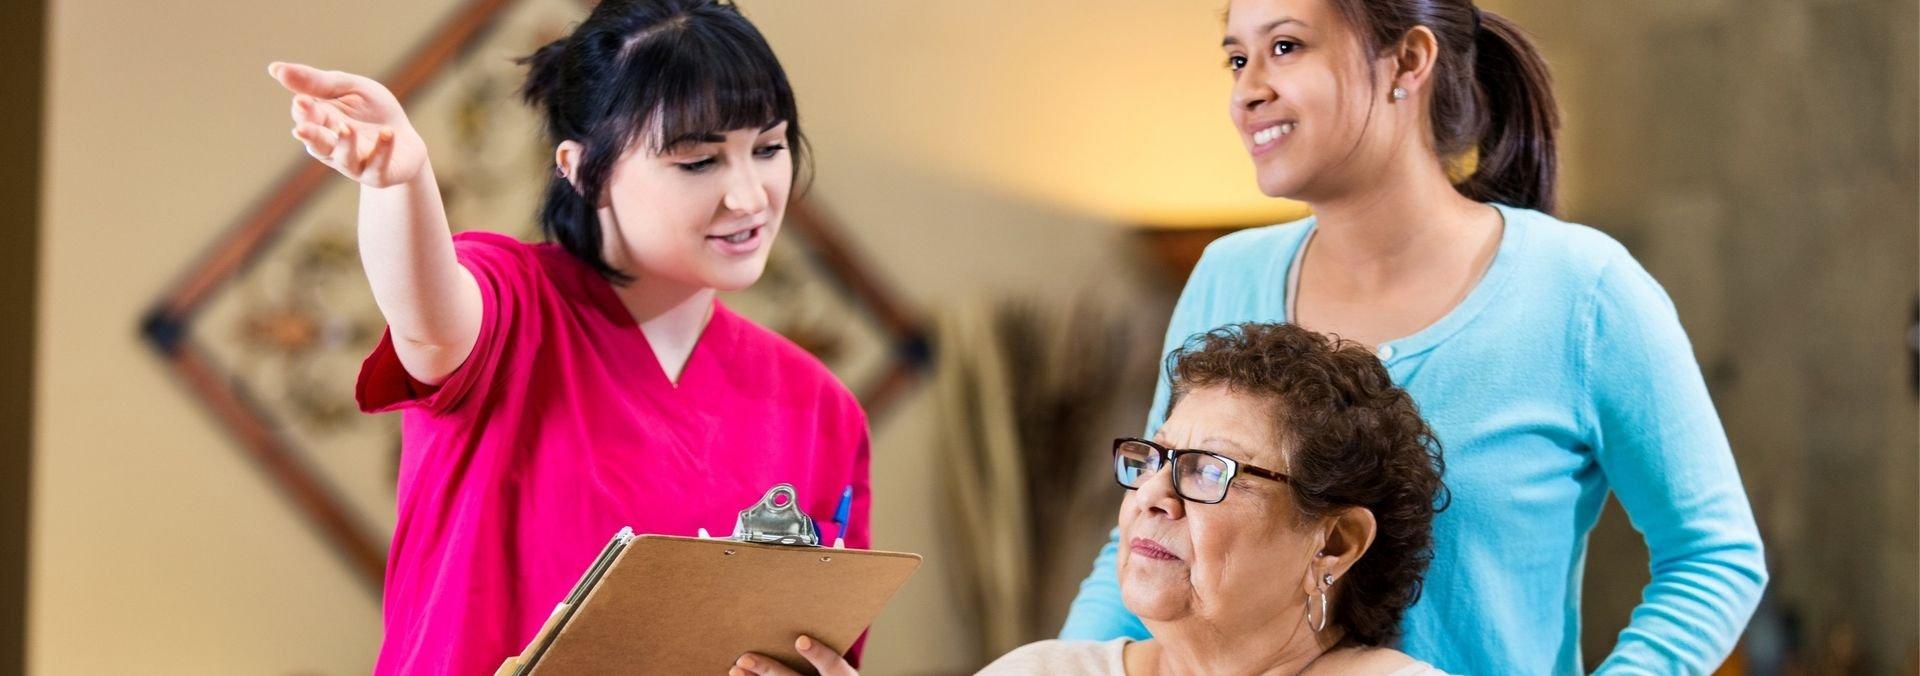 nursing home tour